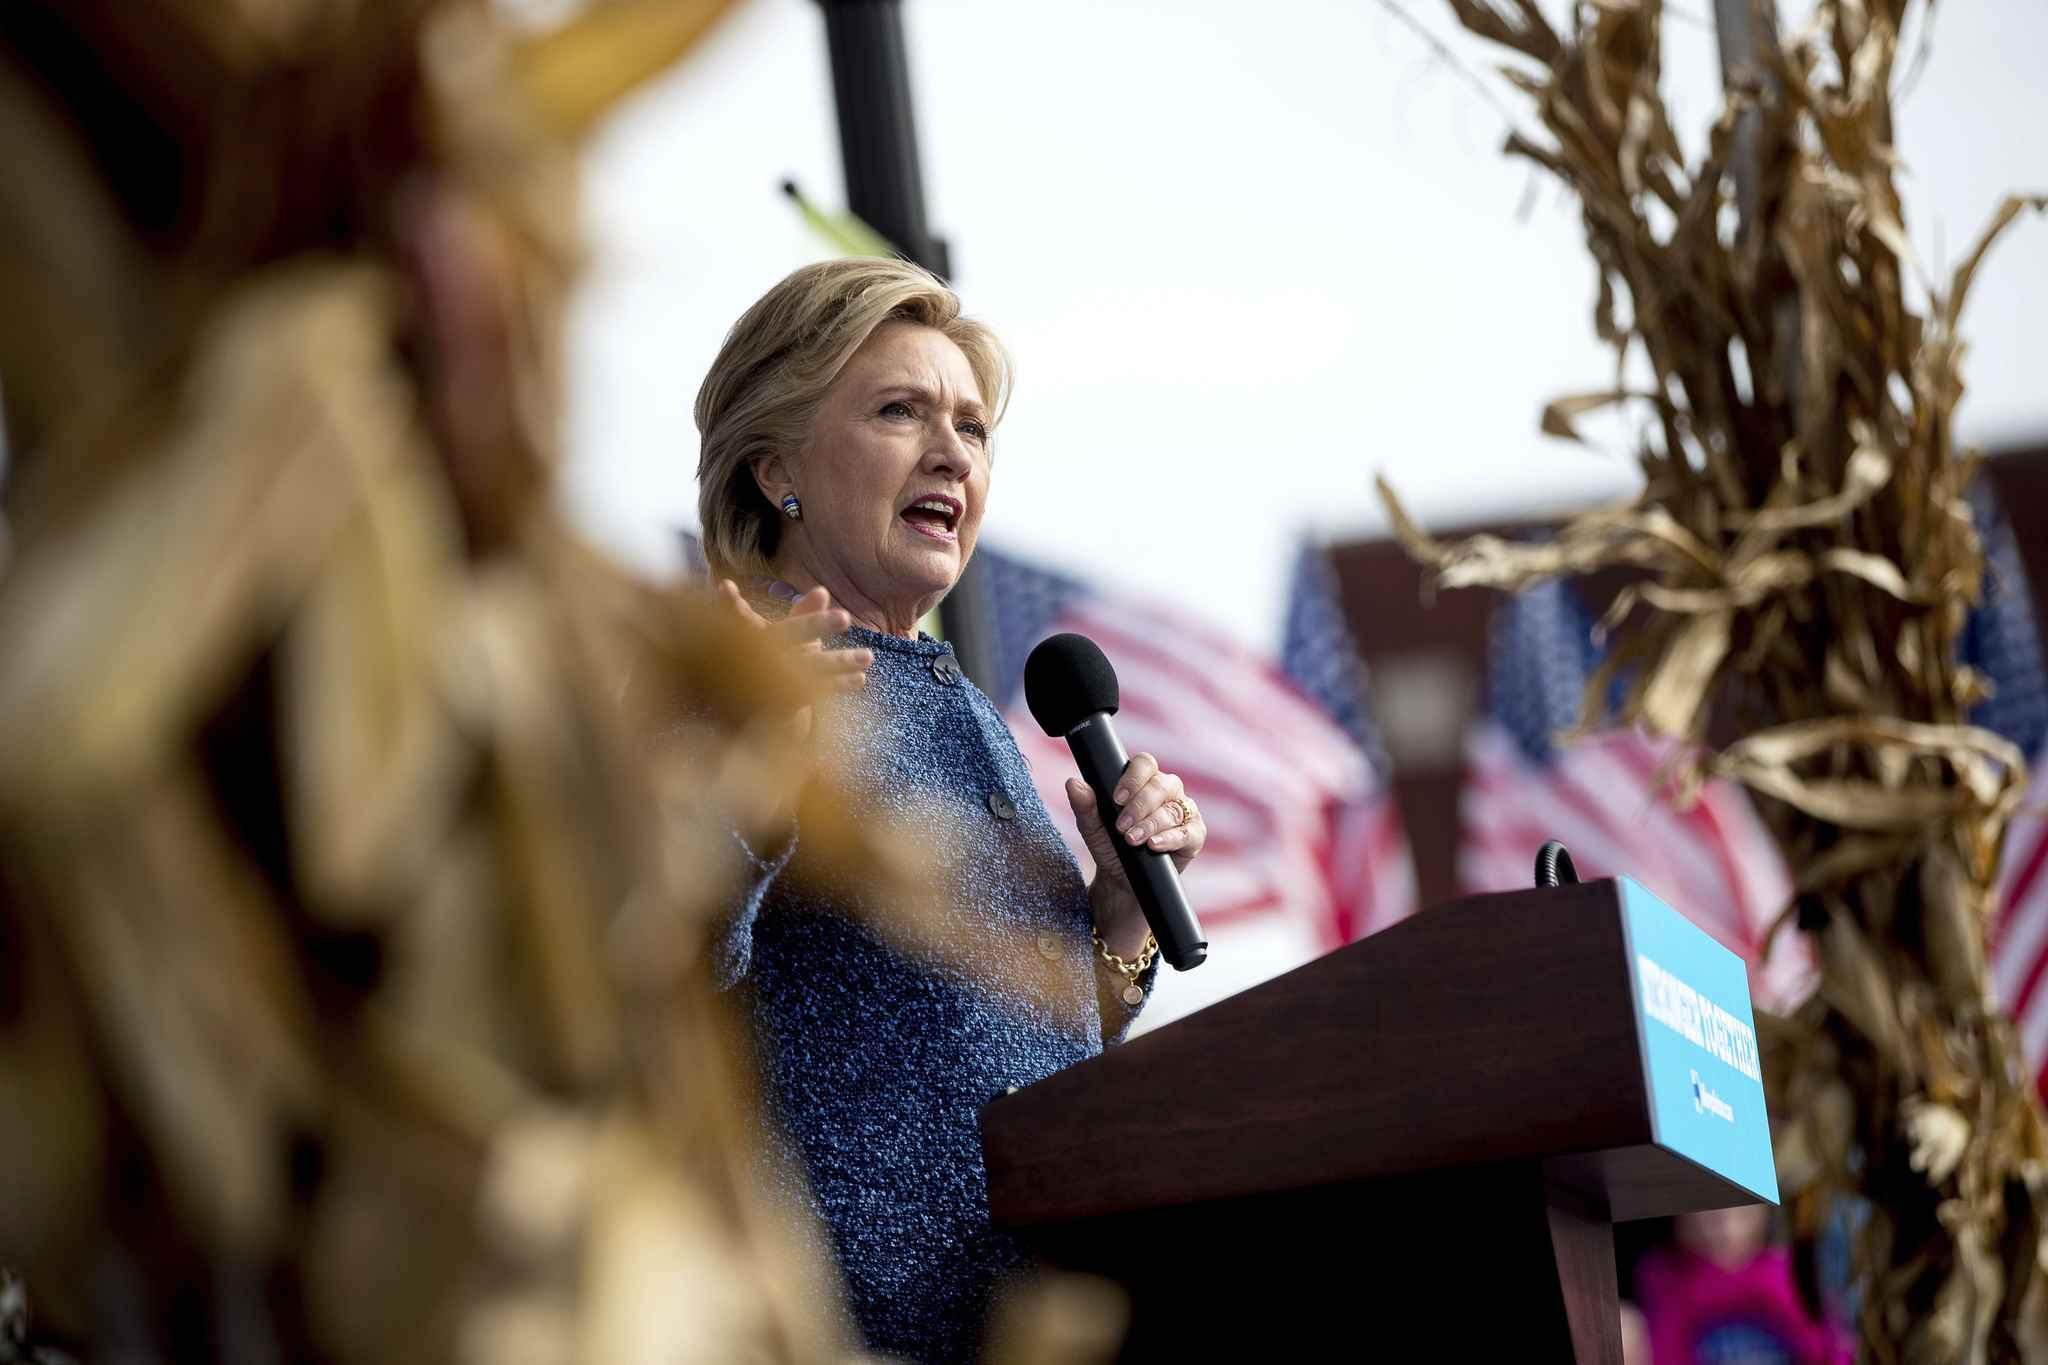 Le FBI enquête de nouveaux sur ses emails — Hillary Clinton